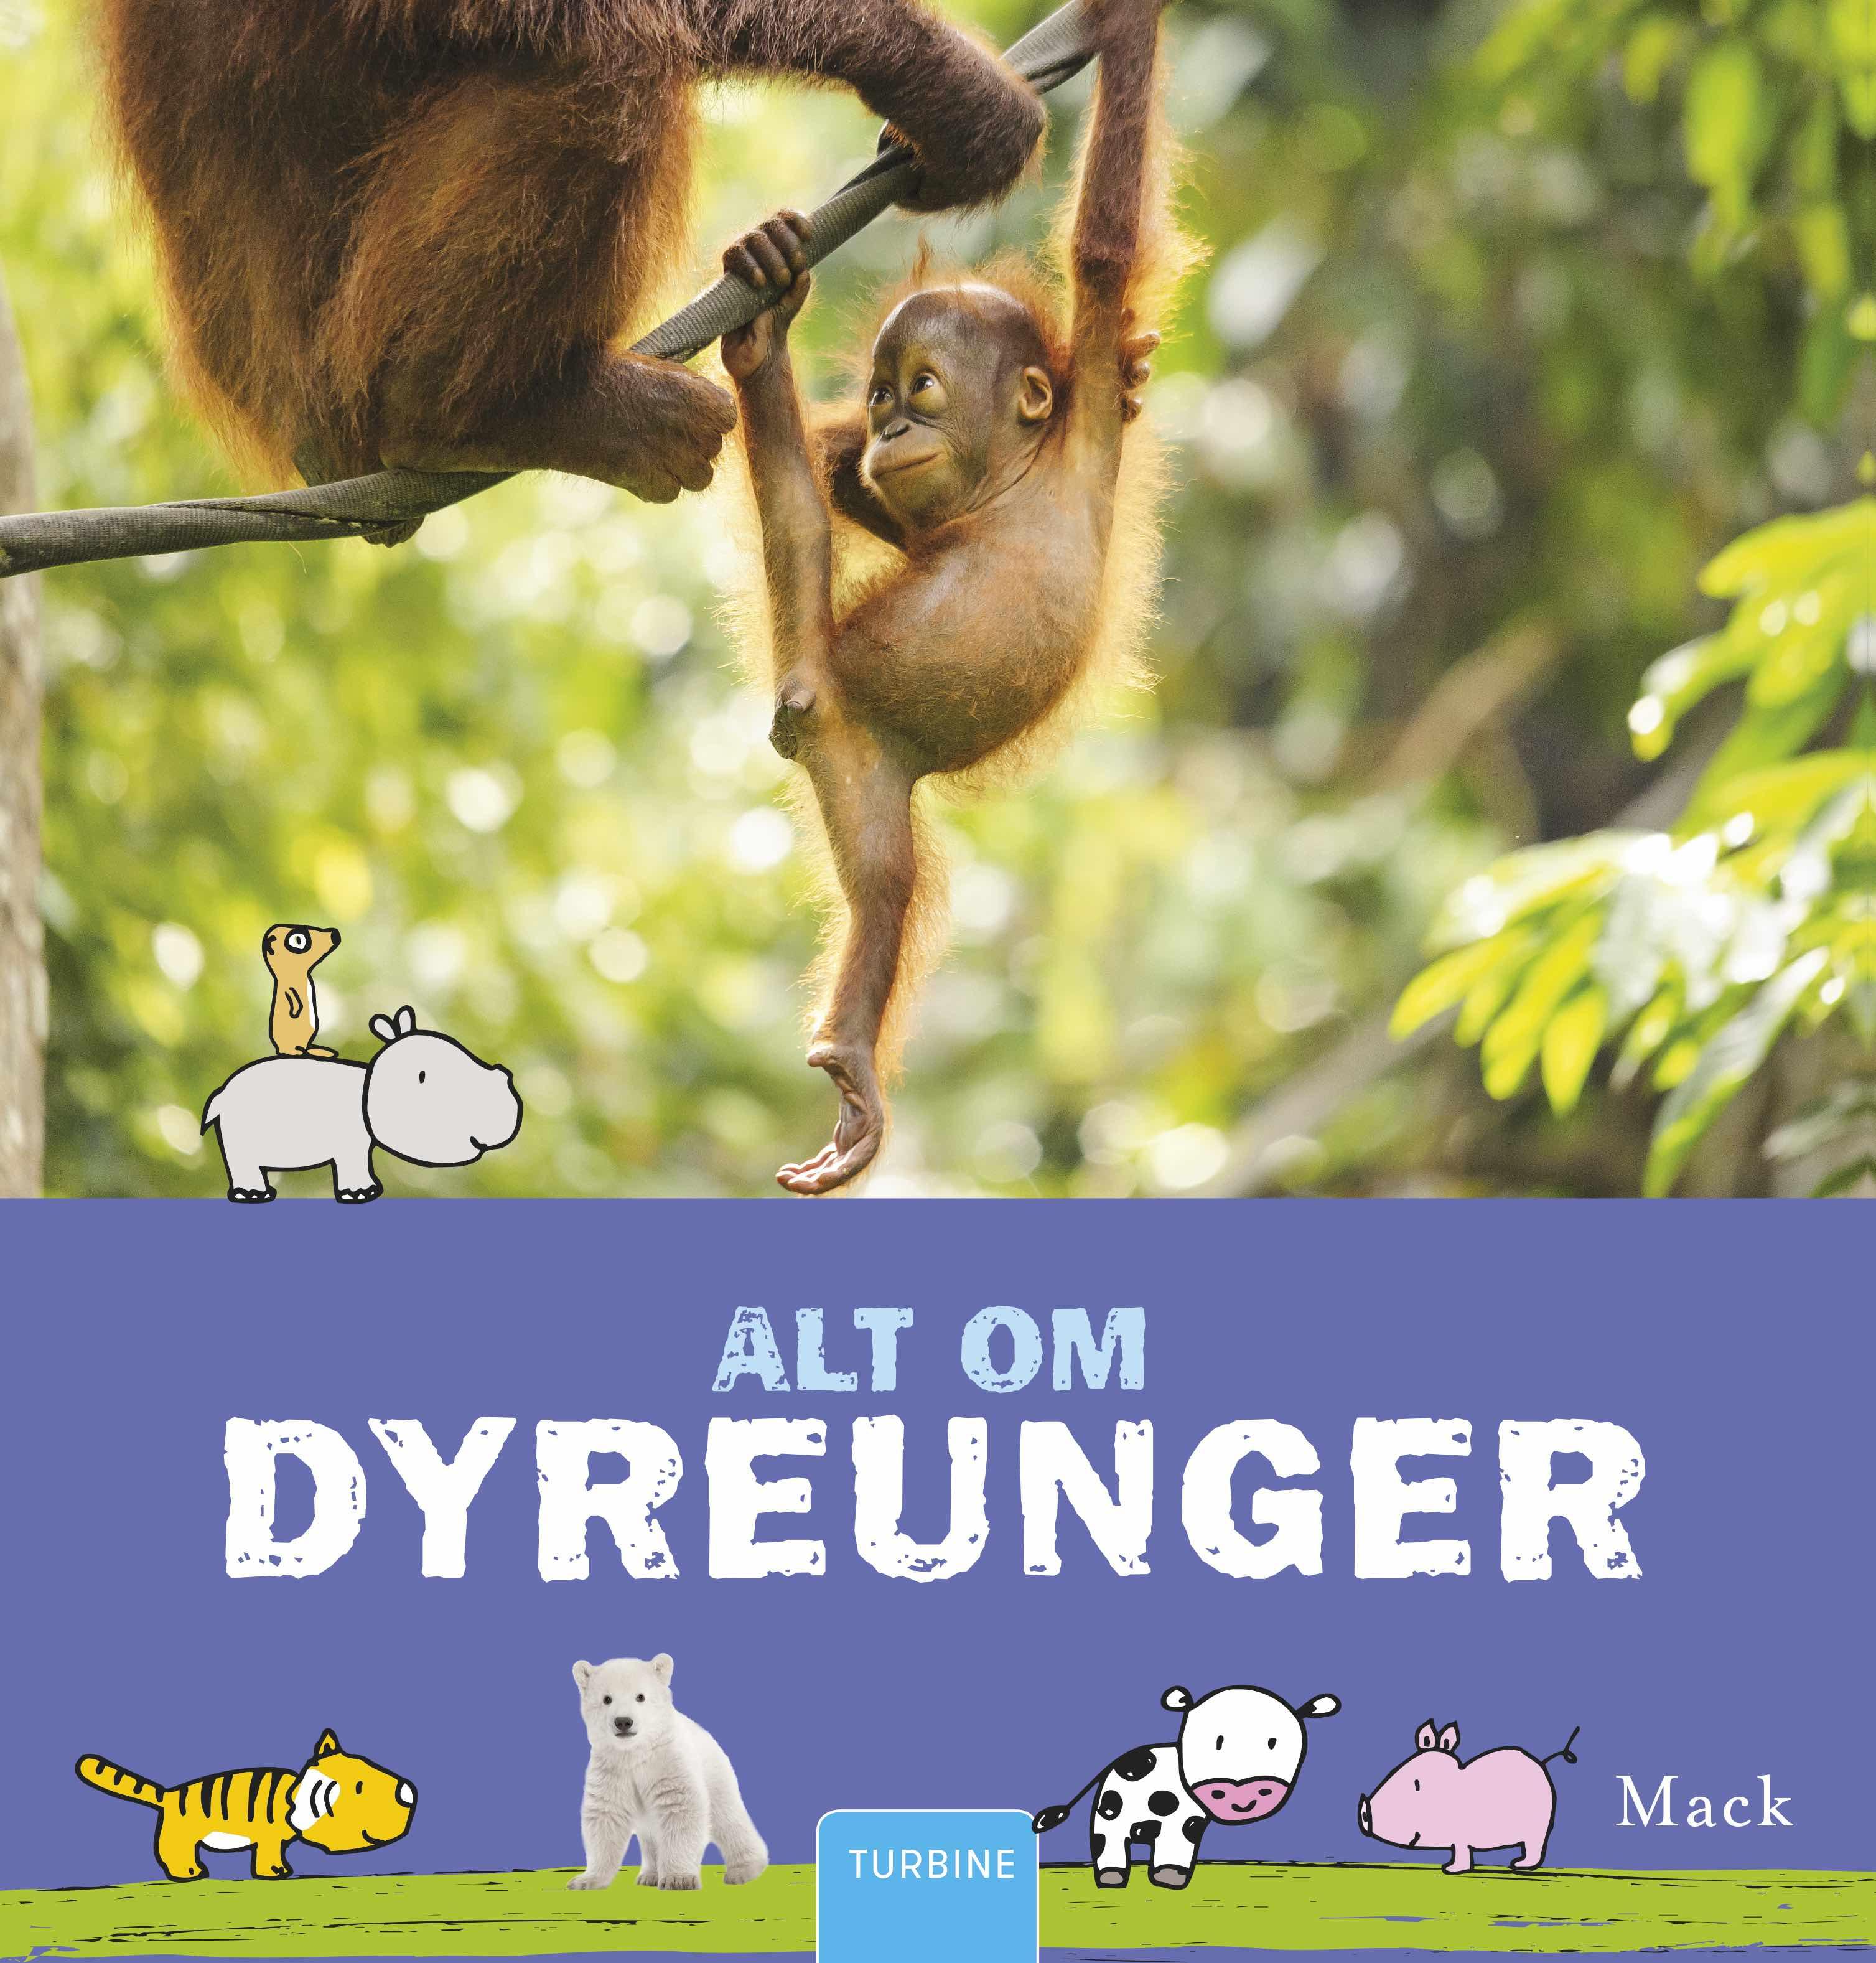 Alt om dyreunger - Mack - Bøger - Turbine - 9788740650037 - September 20, 2018